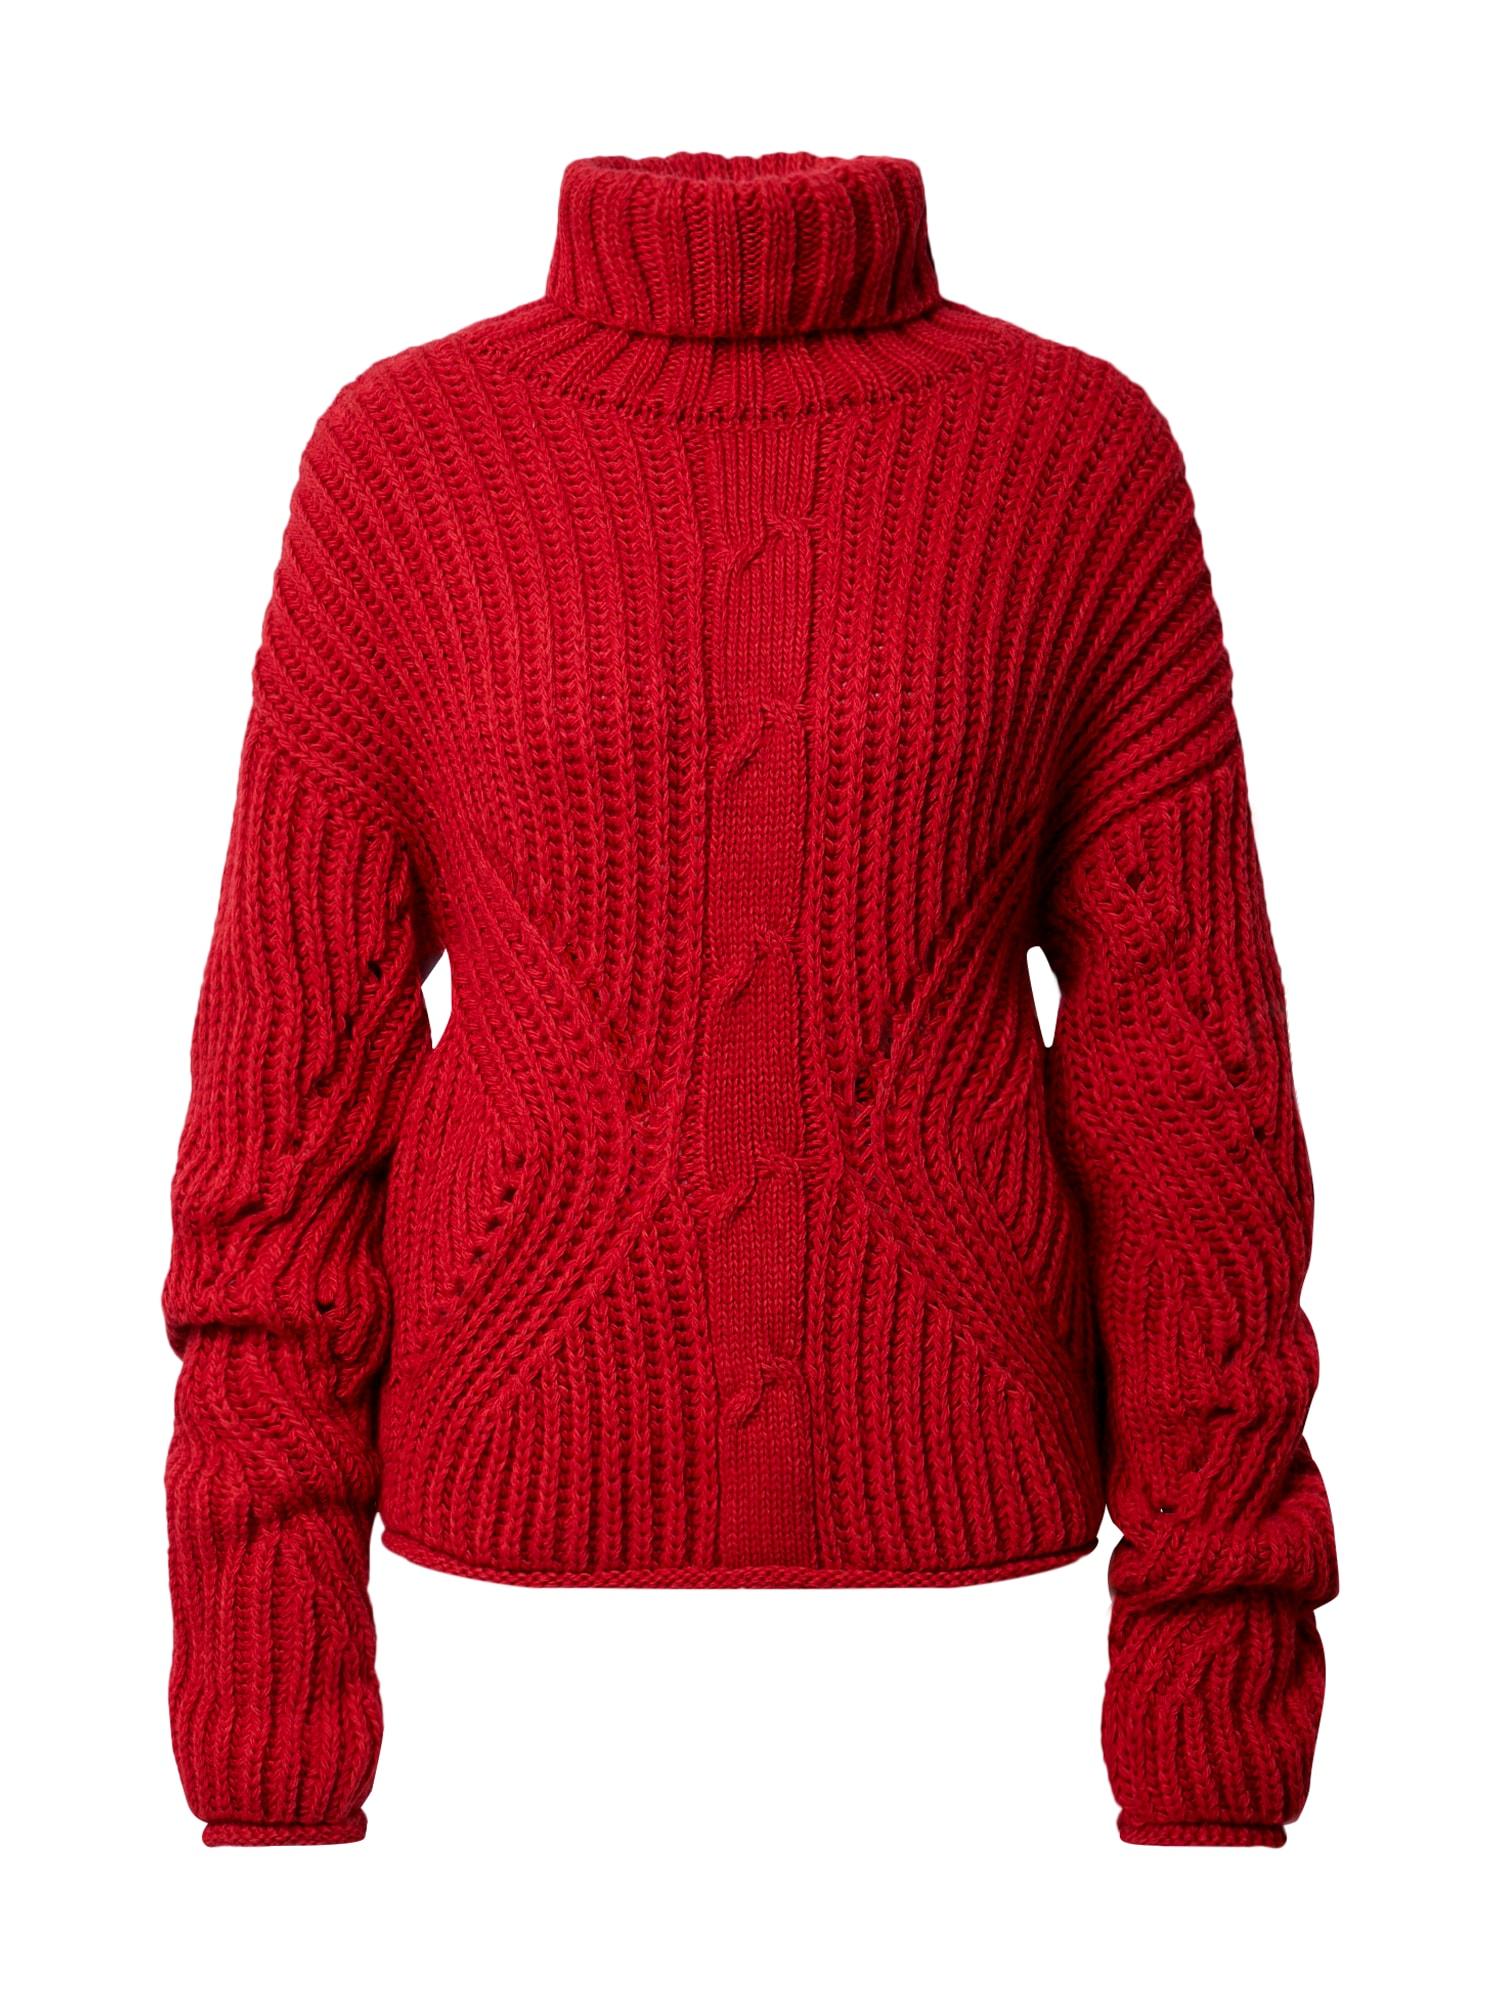 Libertine-Libertine Megztinis